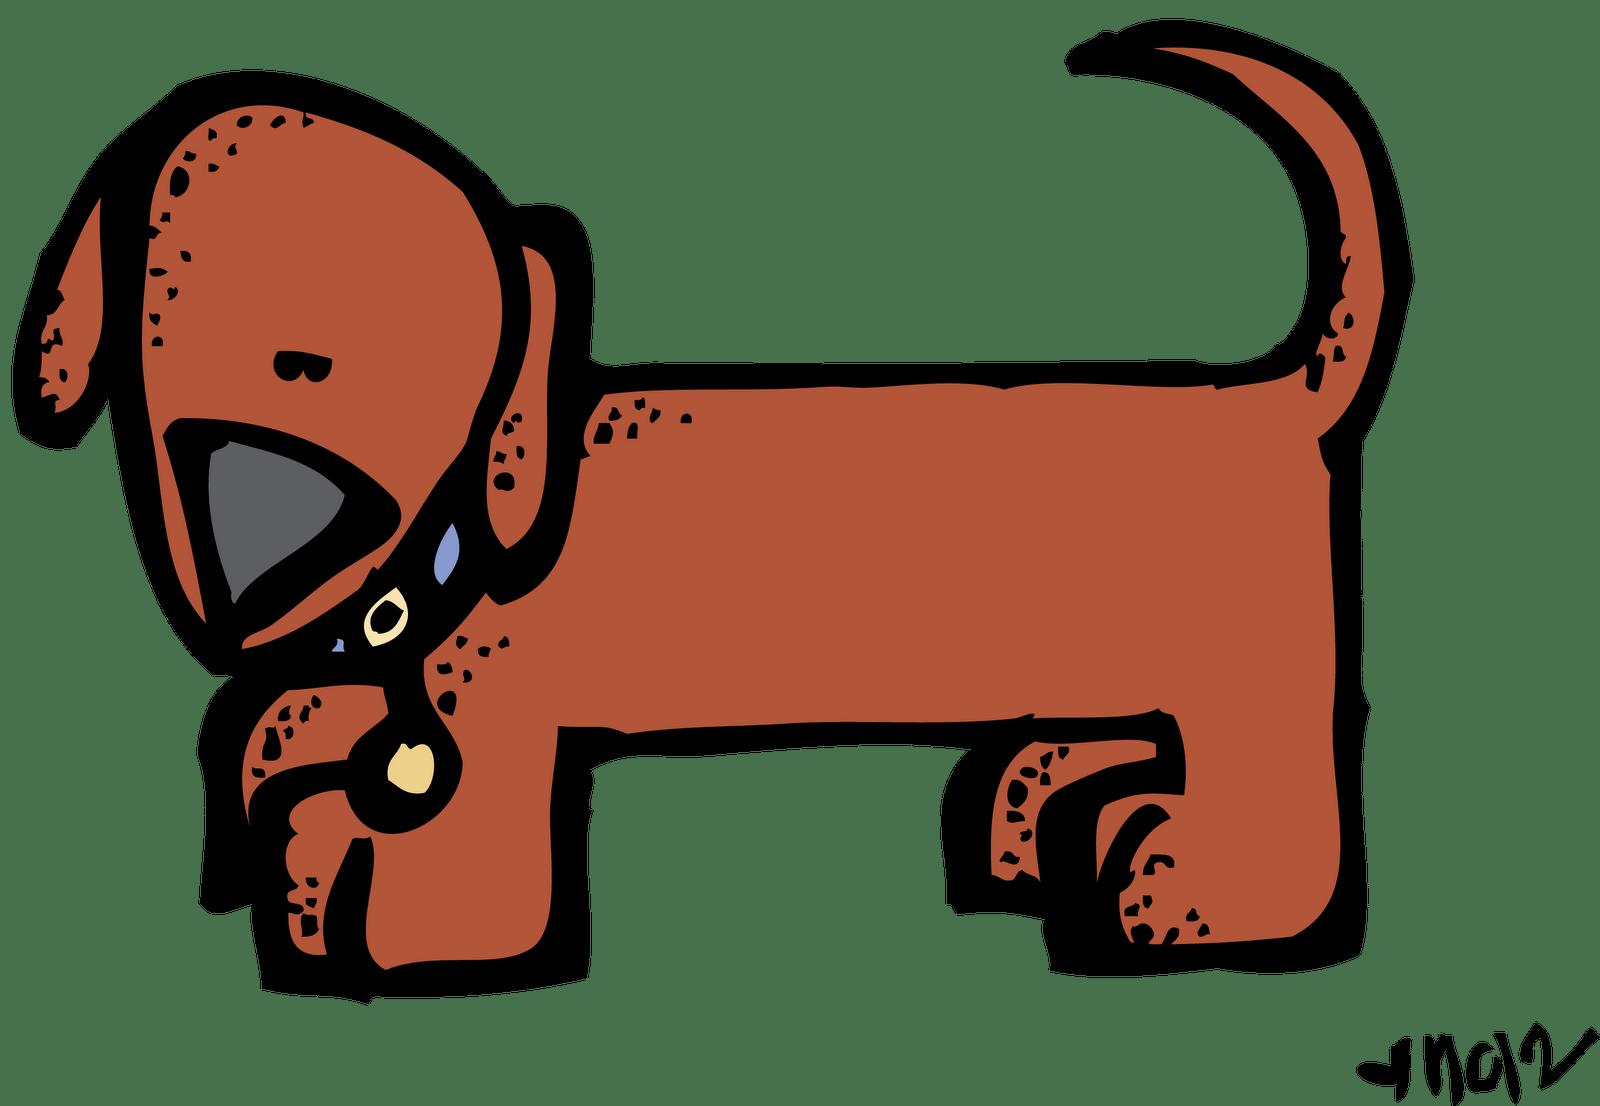 hight resolution of weiner dog